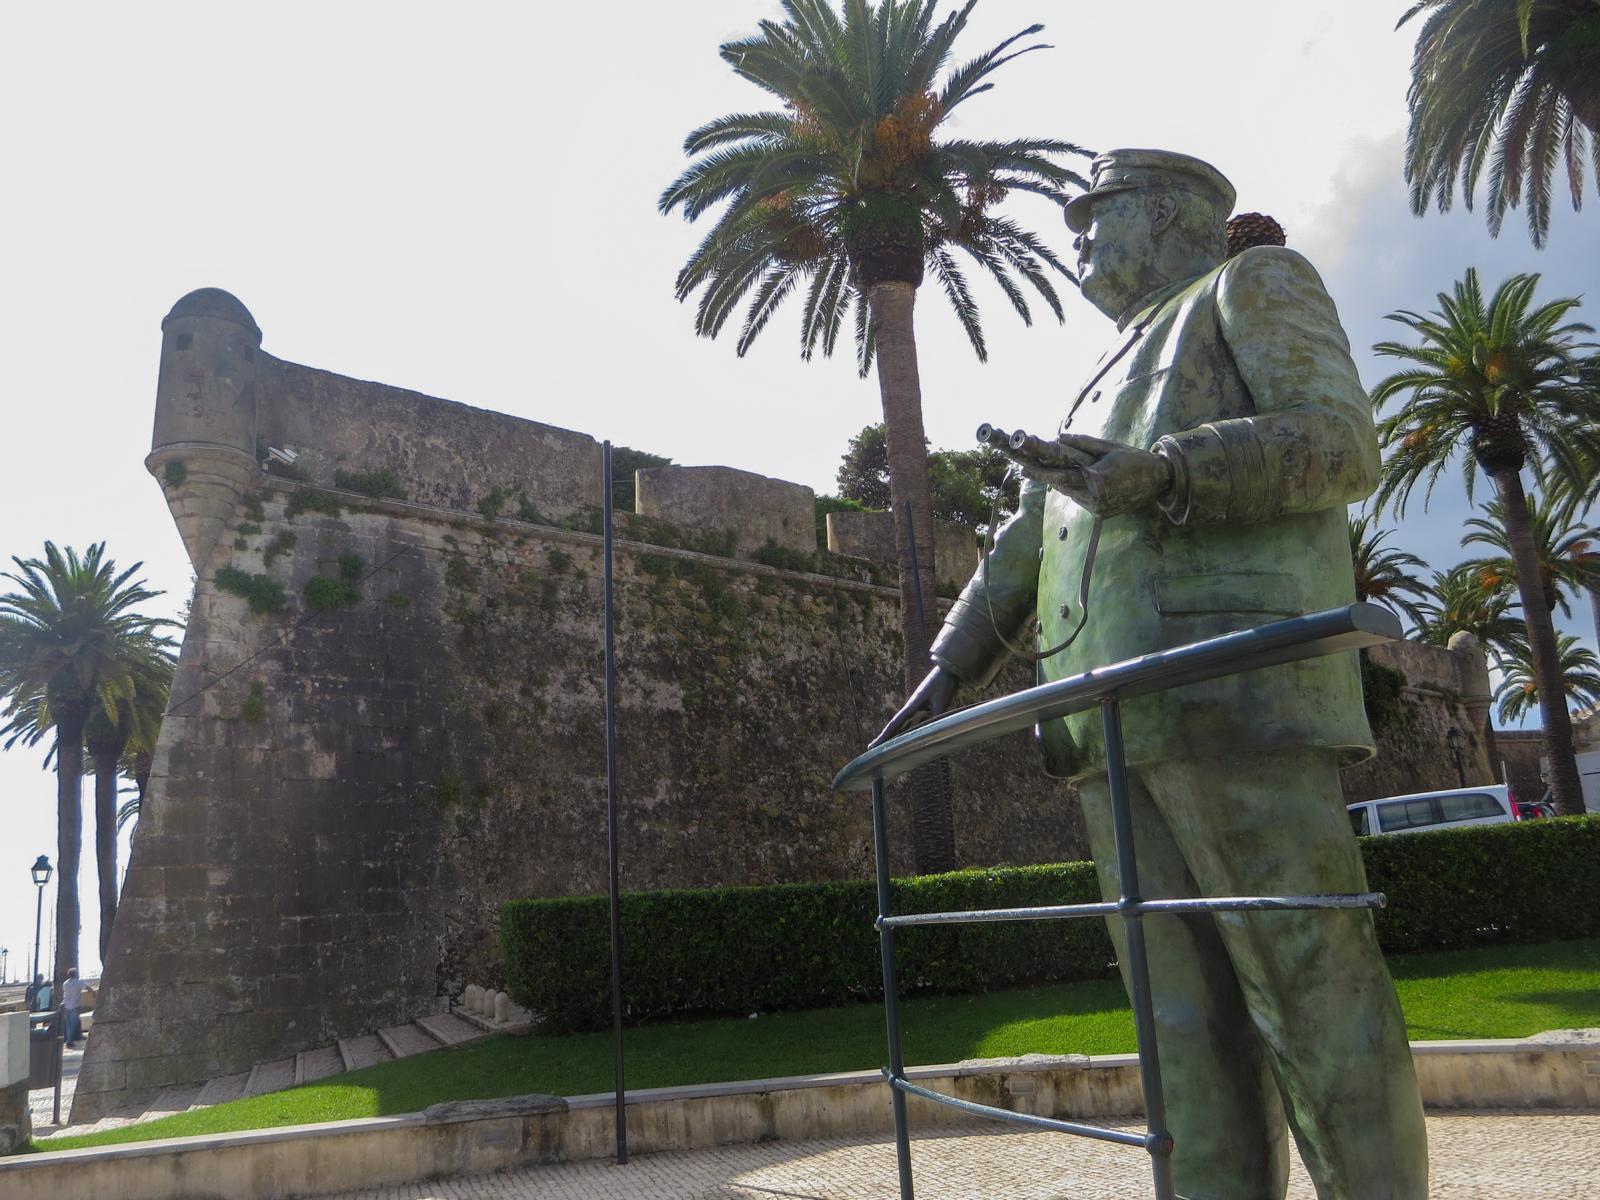 Städtereise Lissabon Sehenswürdigkeiten Ausflug Festung Palácio da Cidadela de Cascais Portugal